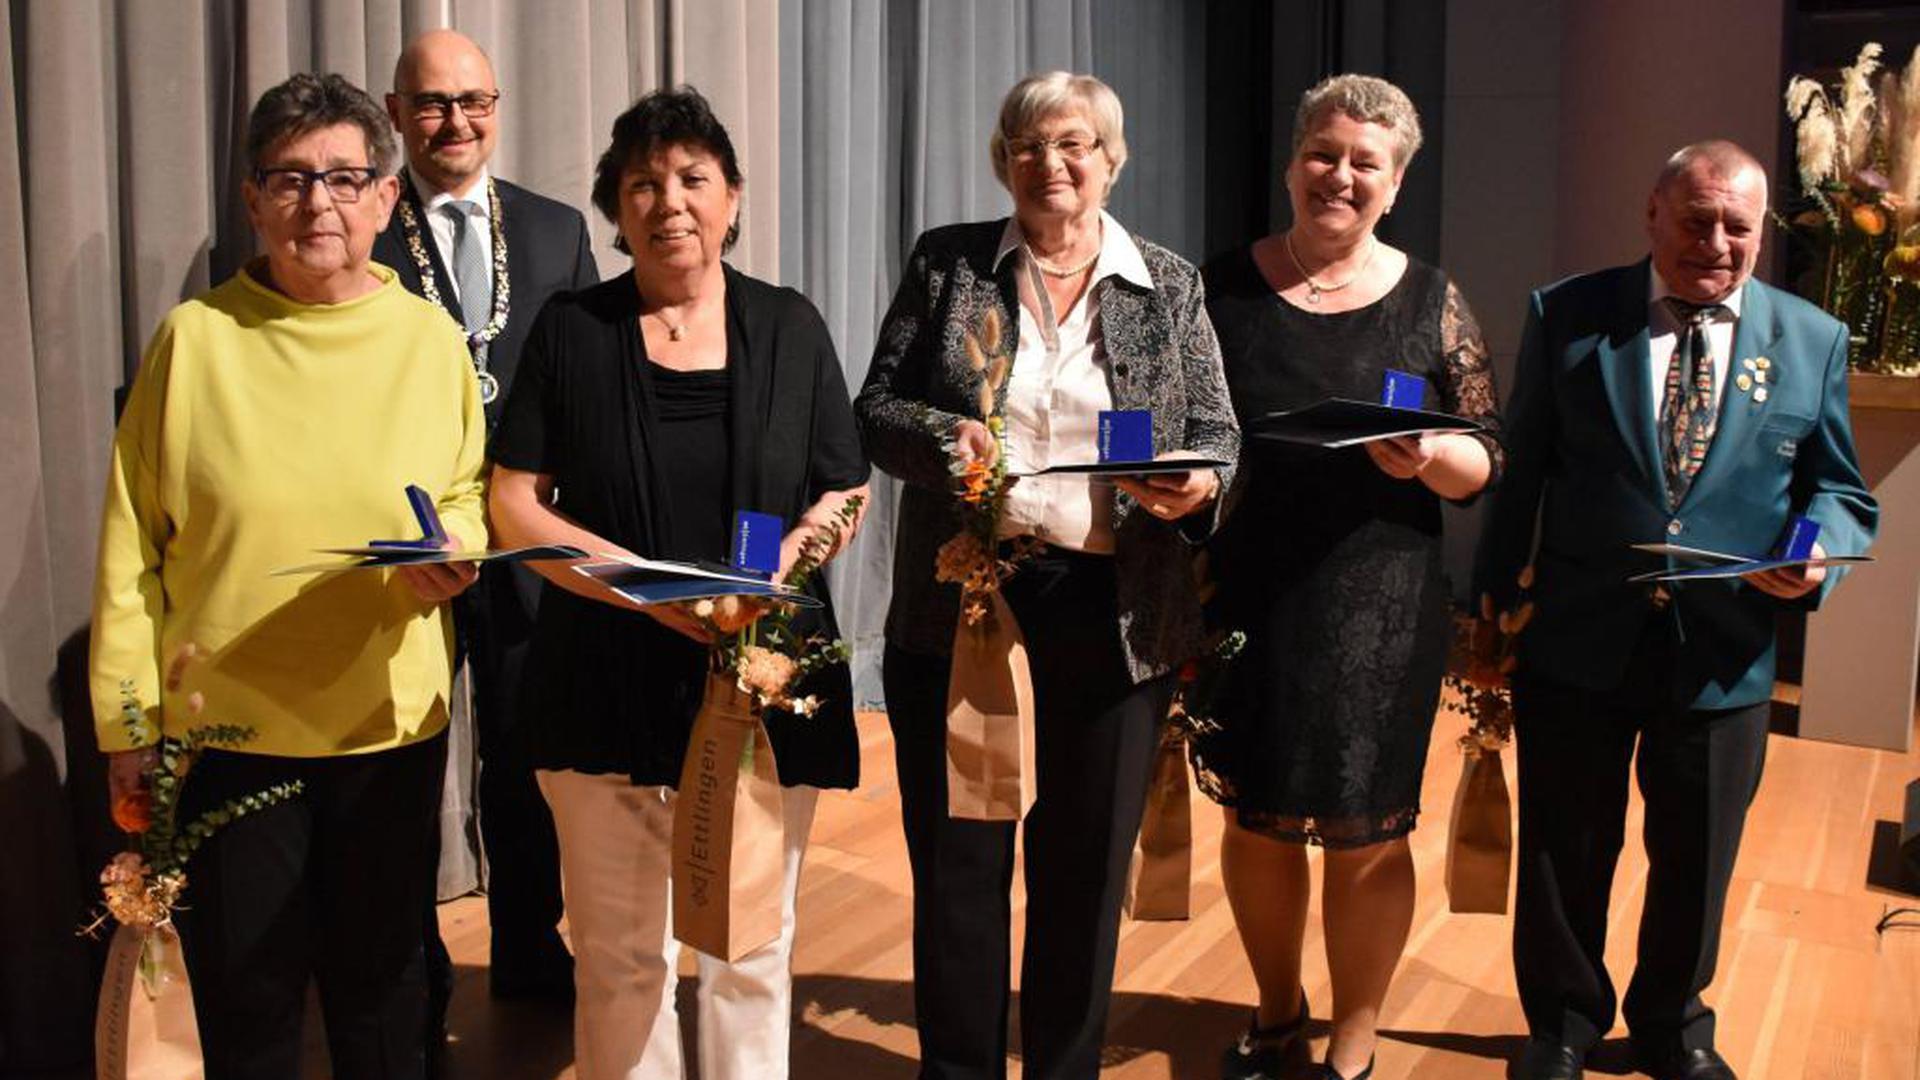 Ehrenmedaillen verlieh Ettlingens Oberbürgermeister Johannes Arnold beim Neujahrsempfang der Stadt. Ausgezeichnet wurden (von links) Ingrid Ehrle, Veronika Bauer, Sibylle Thoma, Nicole Schumacher-Tschan und Bernhard Heinzler.